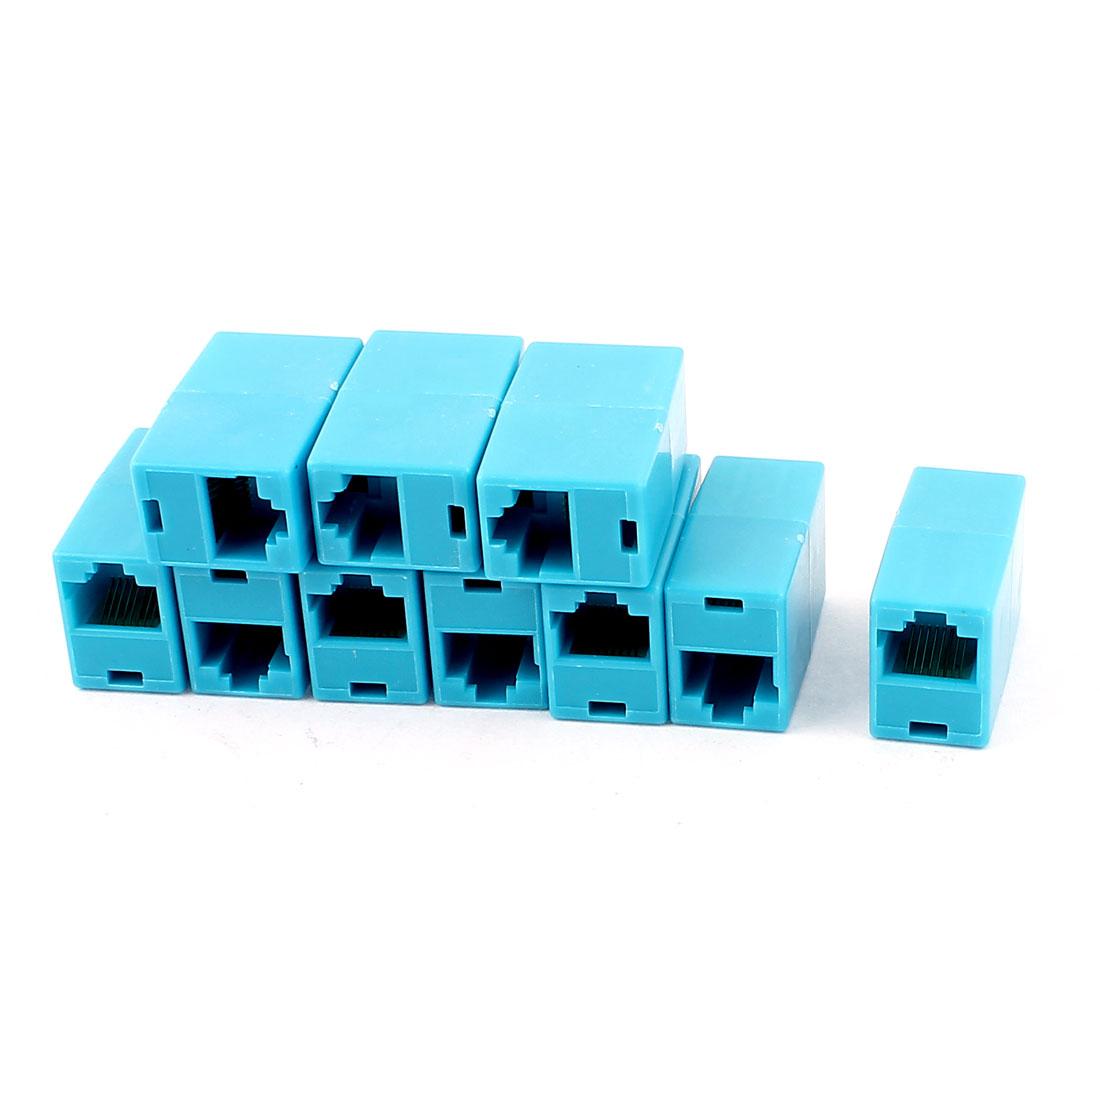 RJ45 F/F LAN Network Inline Splitter Extender Coupler Blue 10 PCS